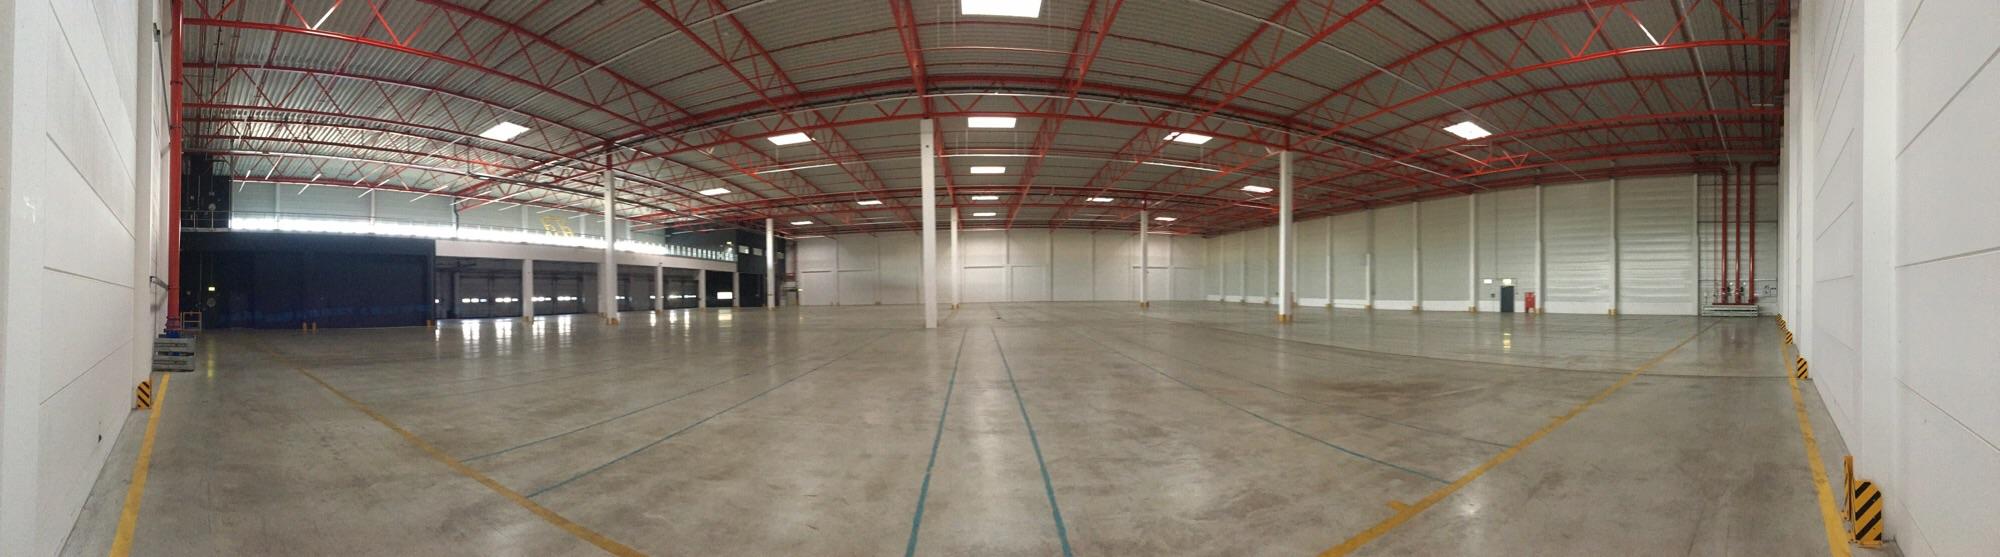 6'000 Quadratmeter Lager- und Bürofläche von Galaxus Deutschland - Quelle: Digitec Galaxus AG